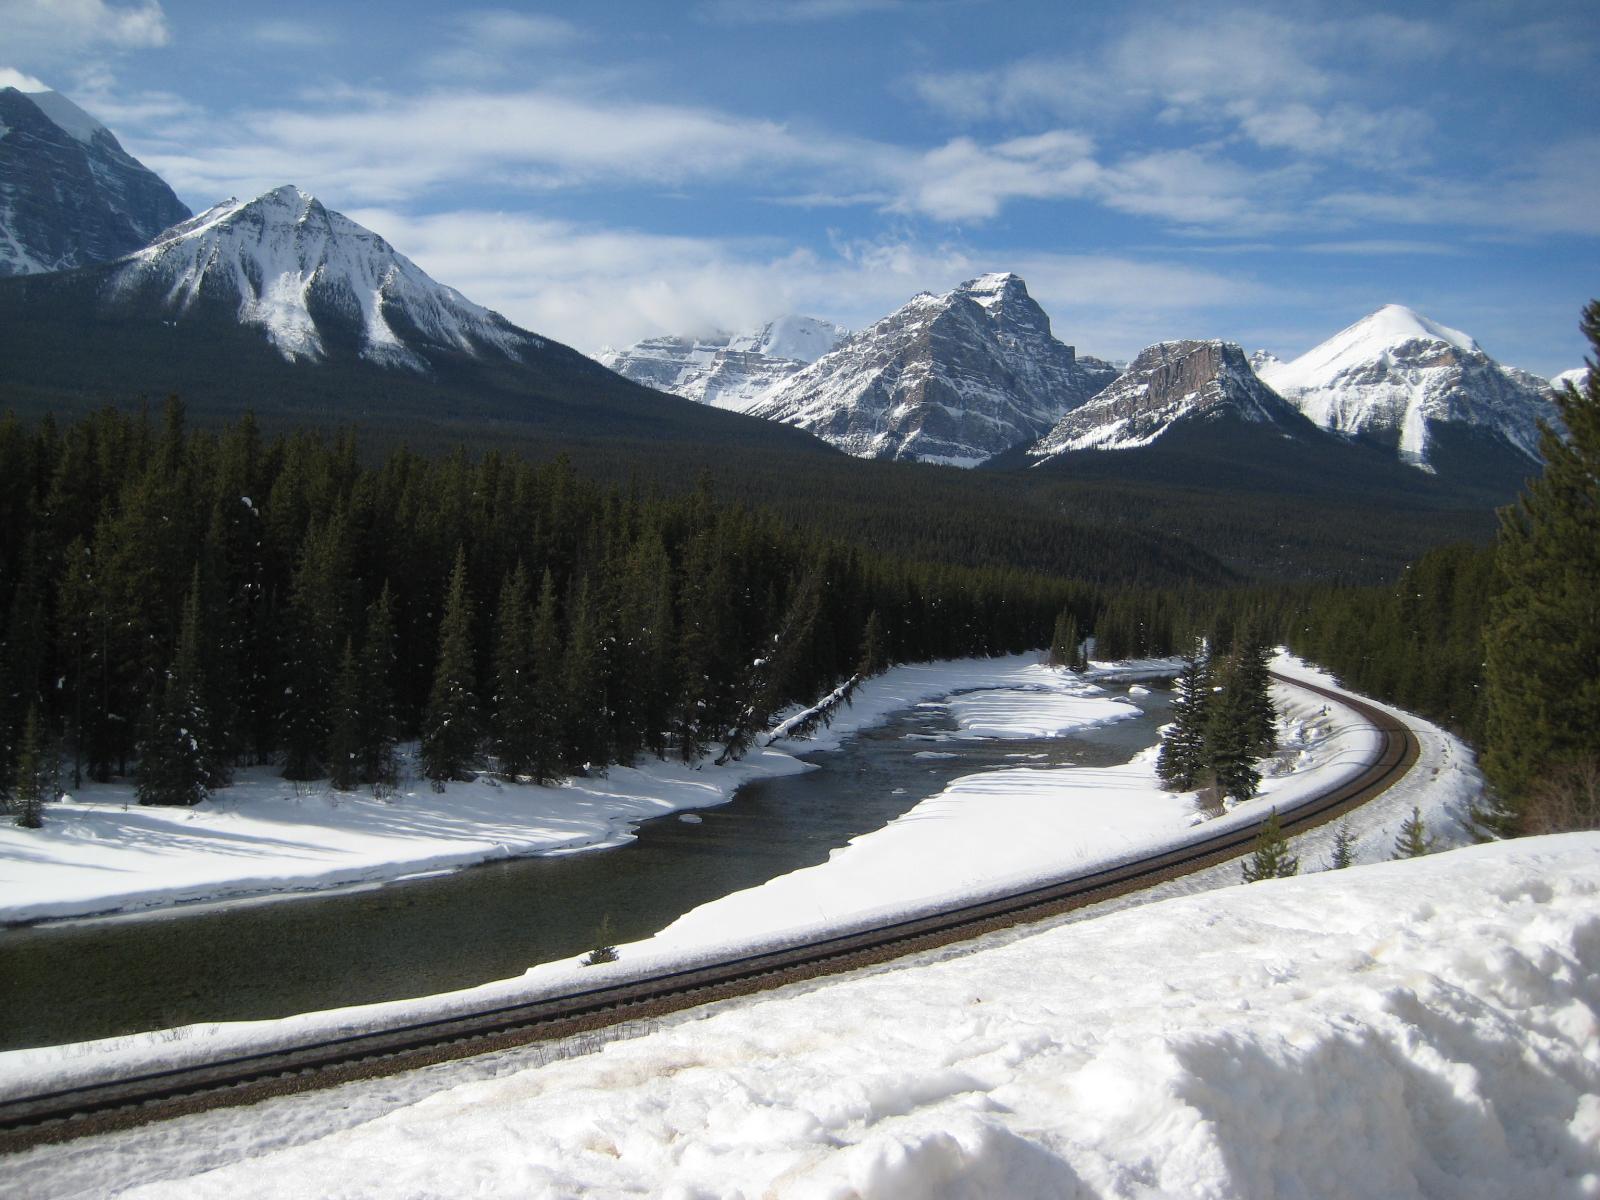 http://3.bp.blogspot.com/-DeegGHICXsk/Tfrov0ovrbI/AAAAAAAAFRM/Iw5Pv41iXt0/s1600/ws_Rocky_Mountains_Canada_1600x1200.jpg